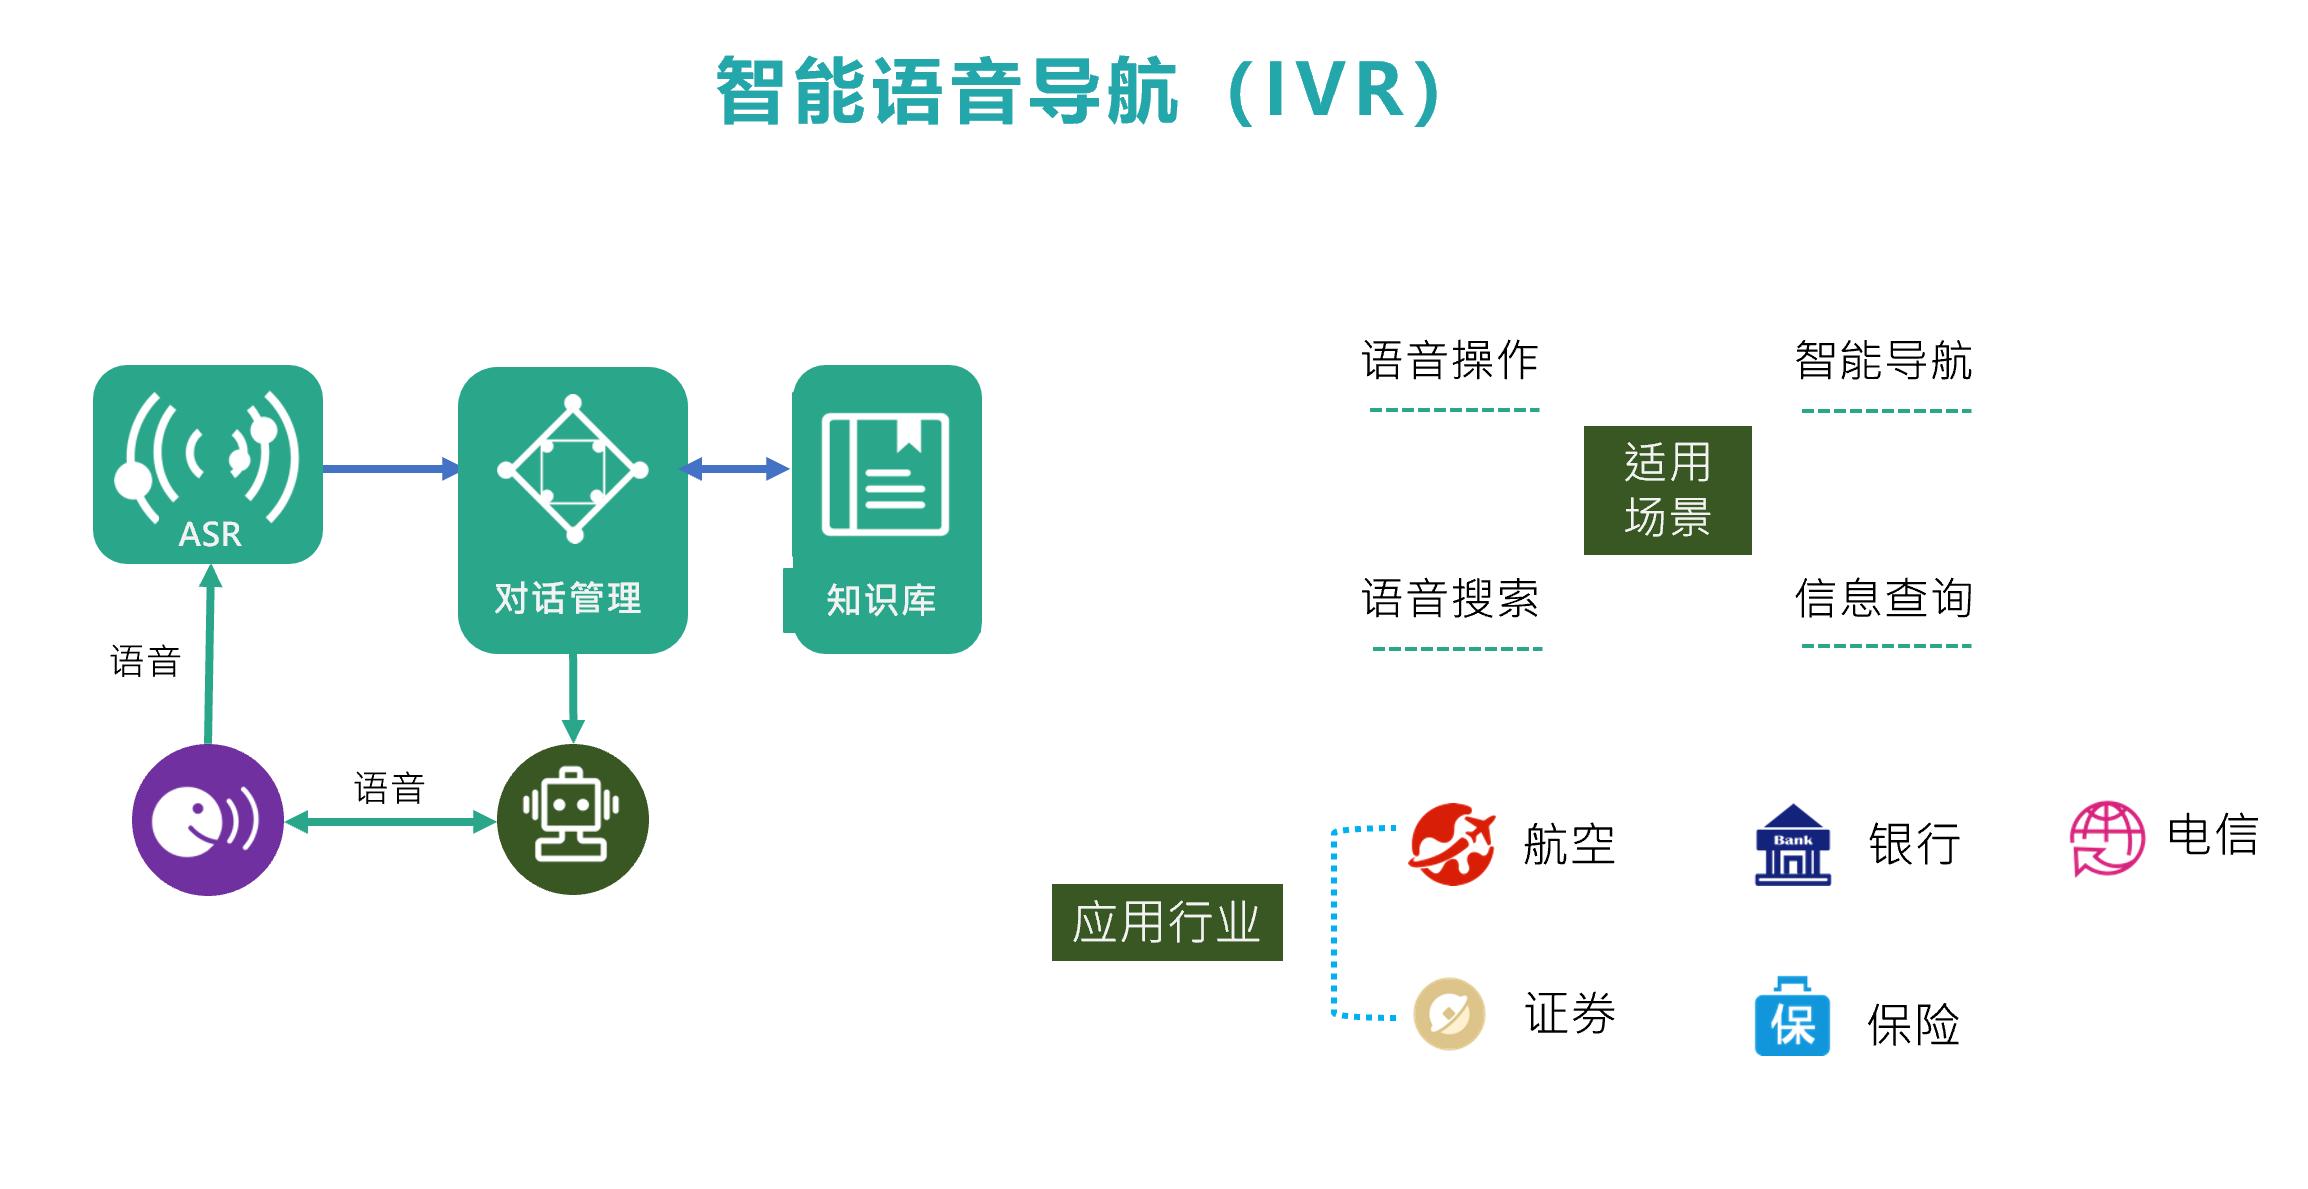 """容联AI推""""智能IVR导航"""" 打造企业客服""""总枢纽"""""""